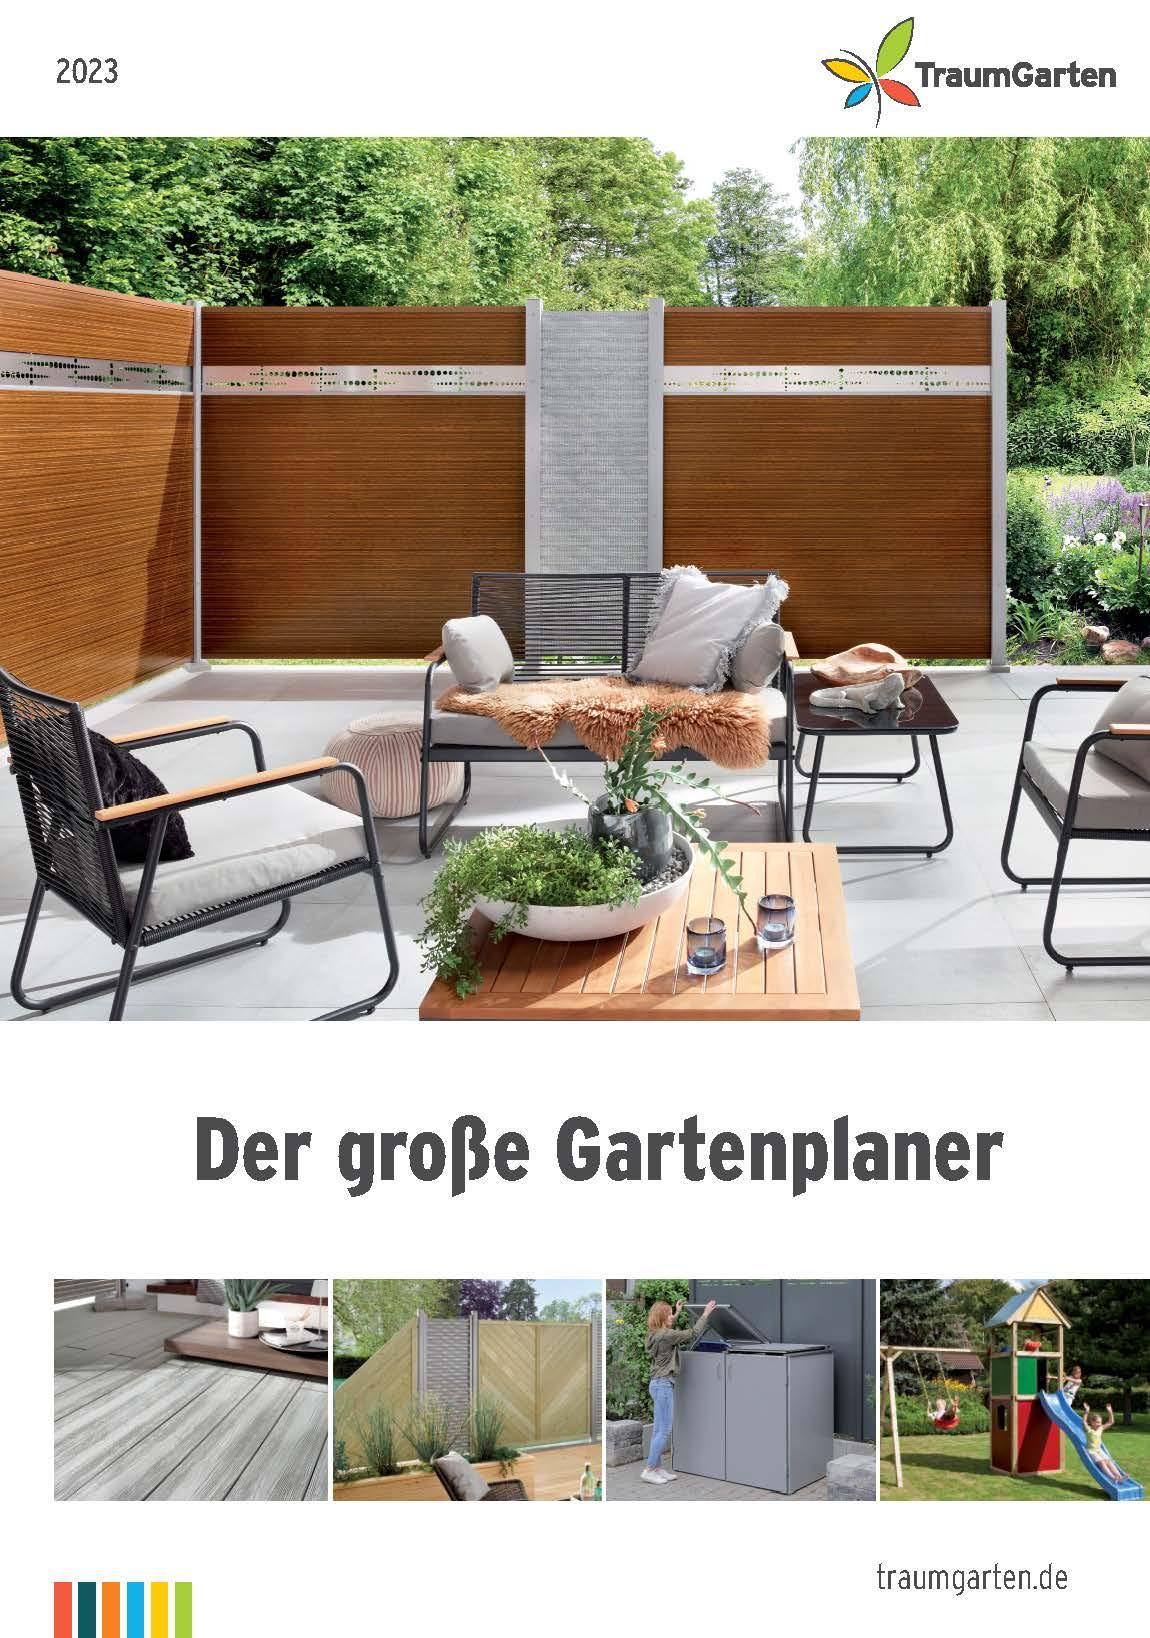 1005_Der Große GartenPlaner.de_DE